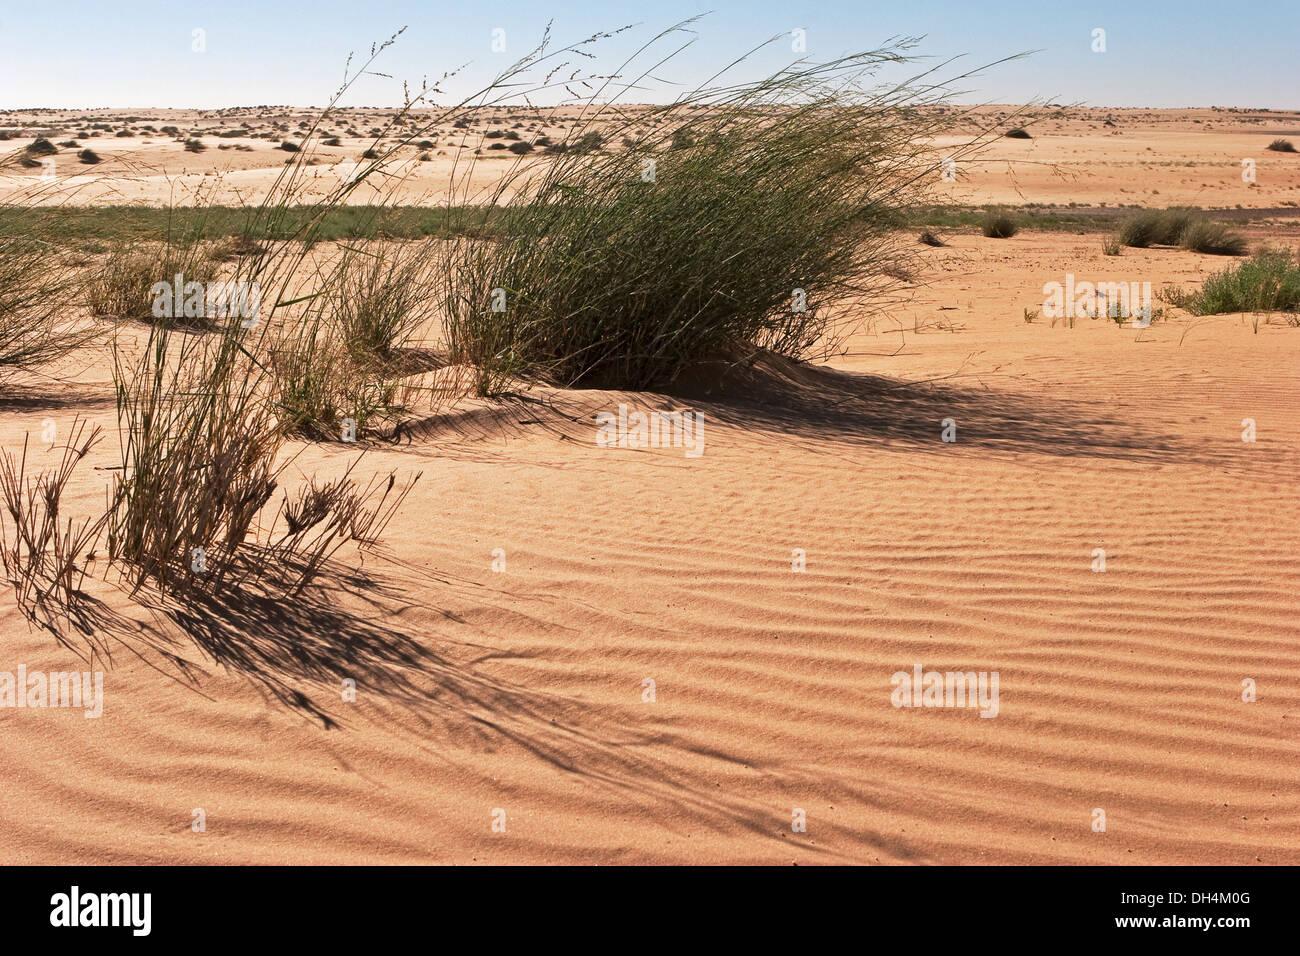 """Eddy patrones de viento en la arena del desierto con plantas y hierba de camello, mostrando """"ecologización del desierto"""", después de las recientes precipitaciones muy raros Imagen De Stock"""